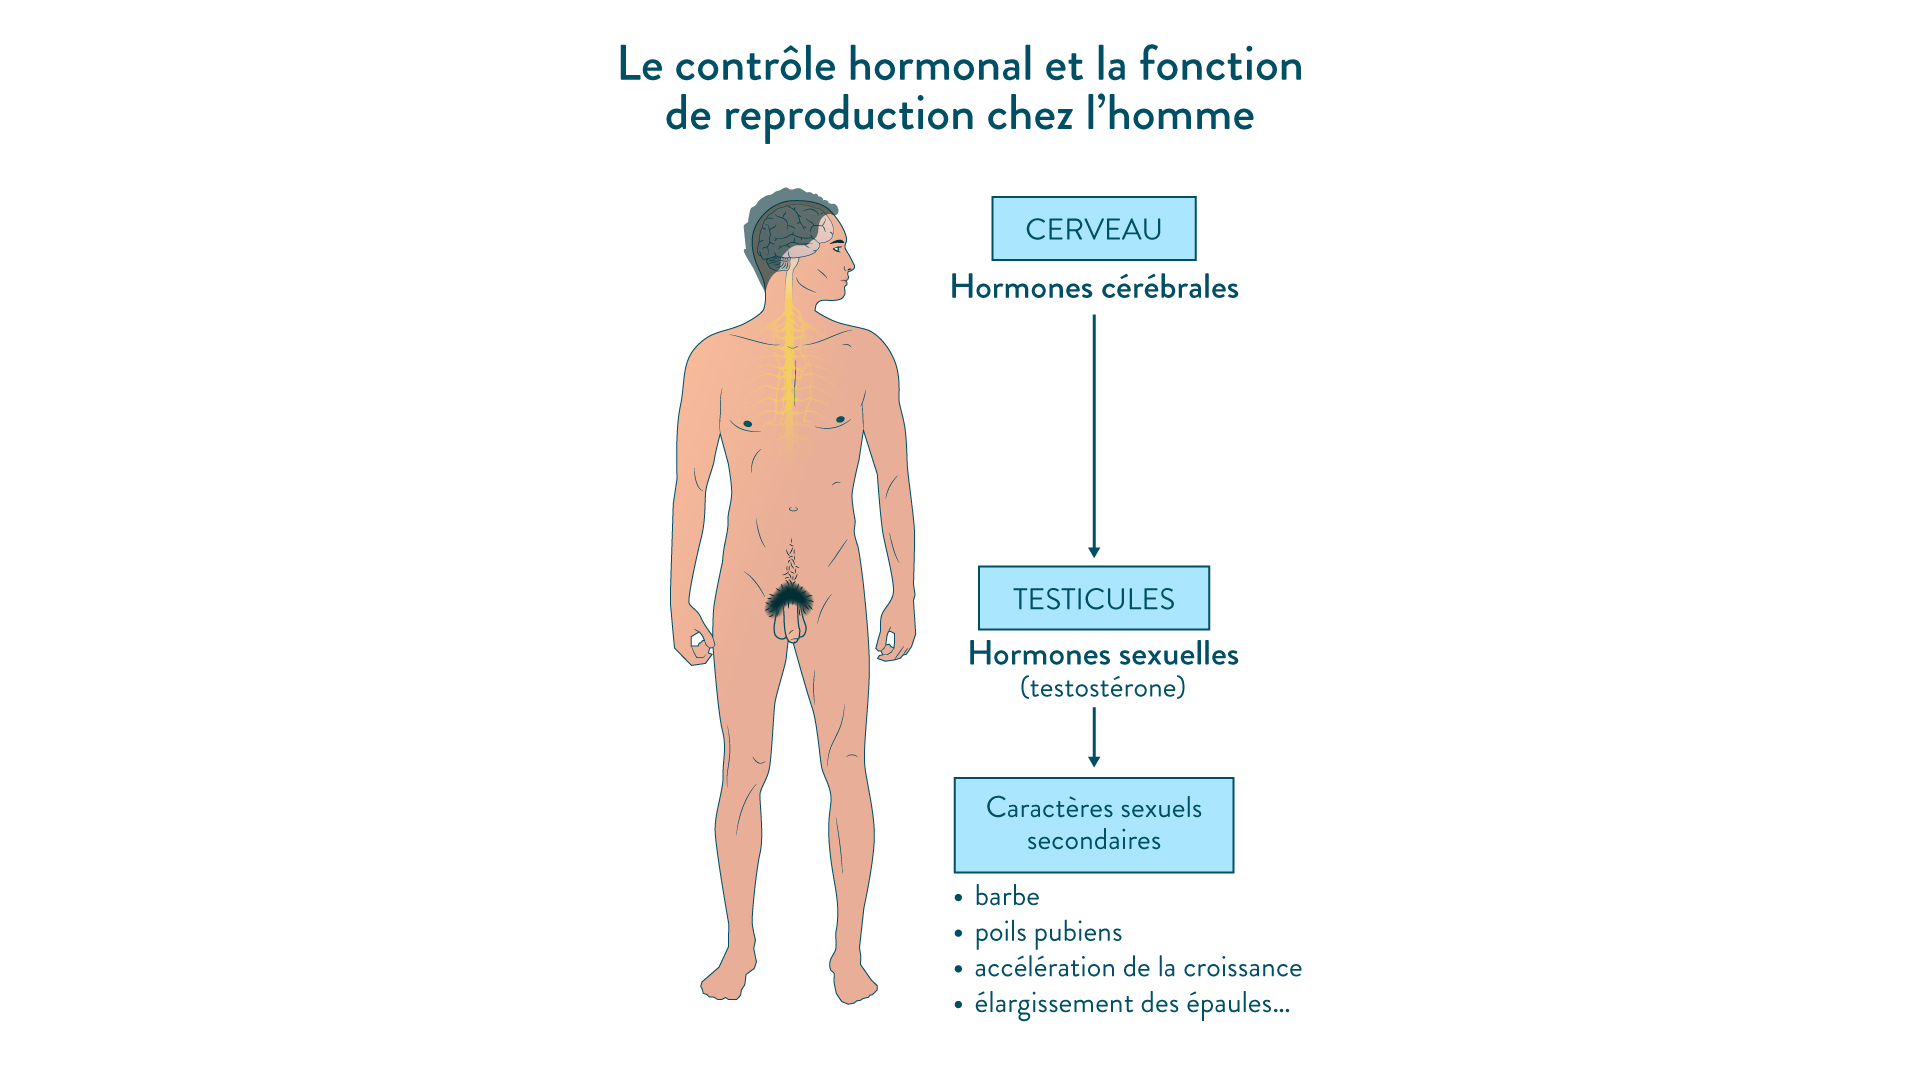 Le contrôle hormonal et la fonction de reproduction chez l'homme